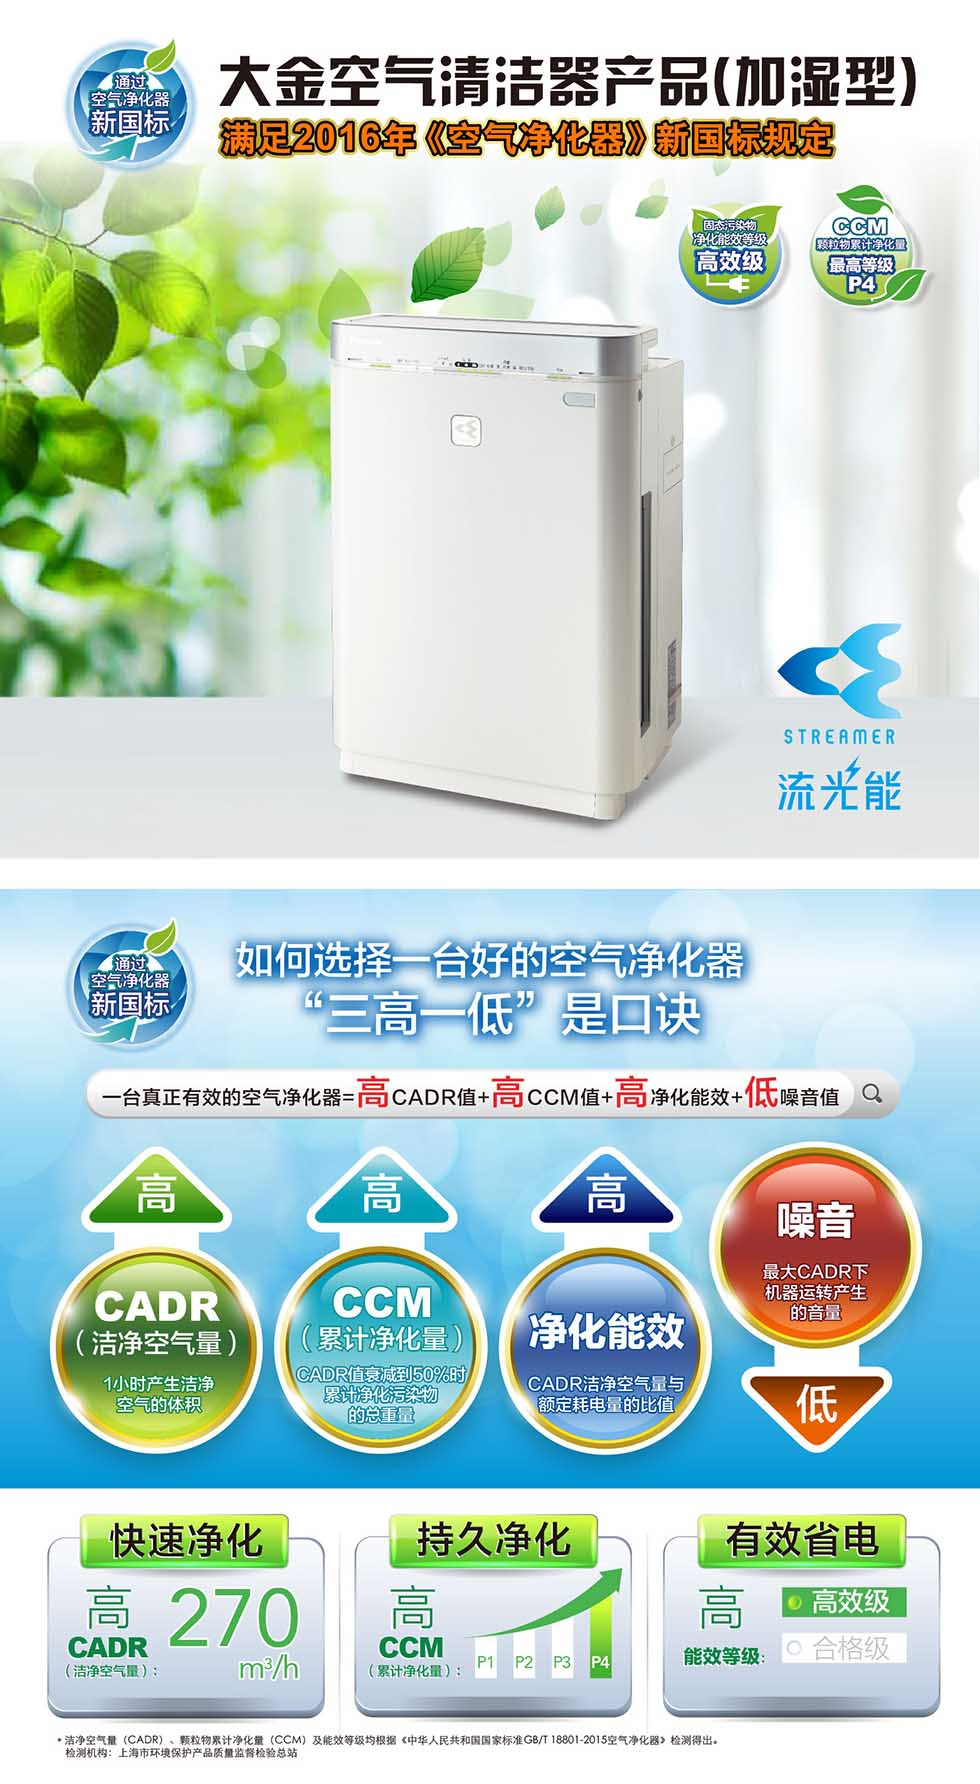 大金(DAIKIN)空气净化器 KJ270F-L01(MCK57LMV2-N) 香槟金-京东